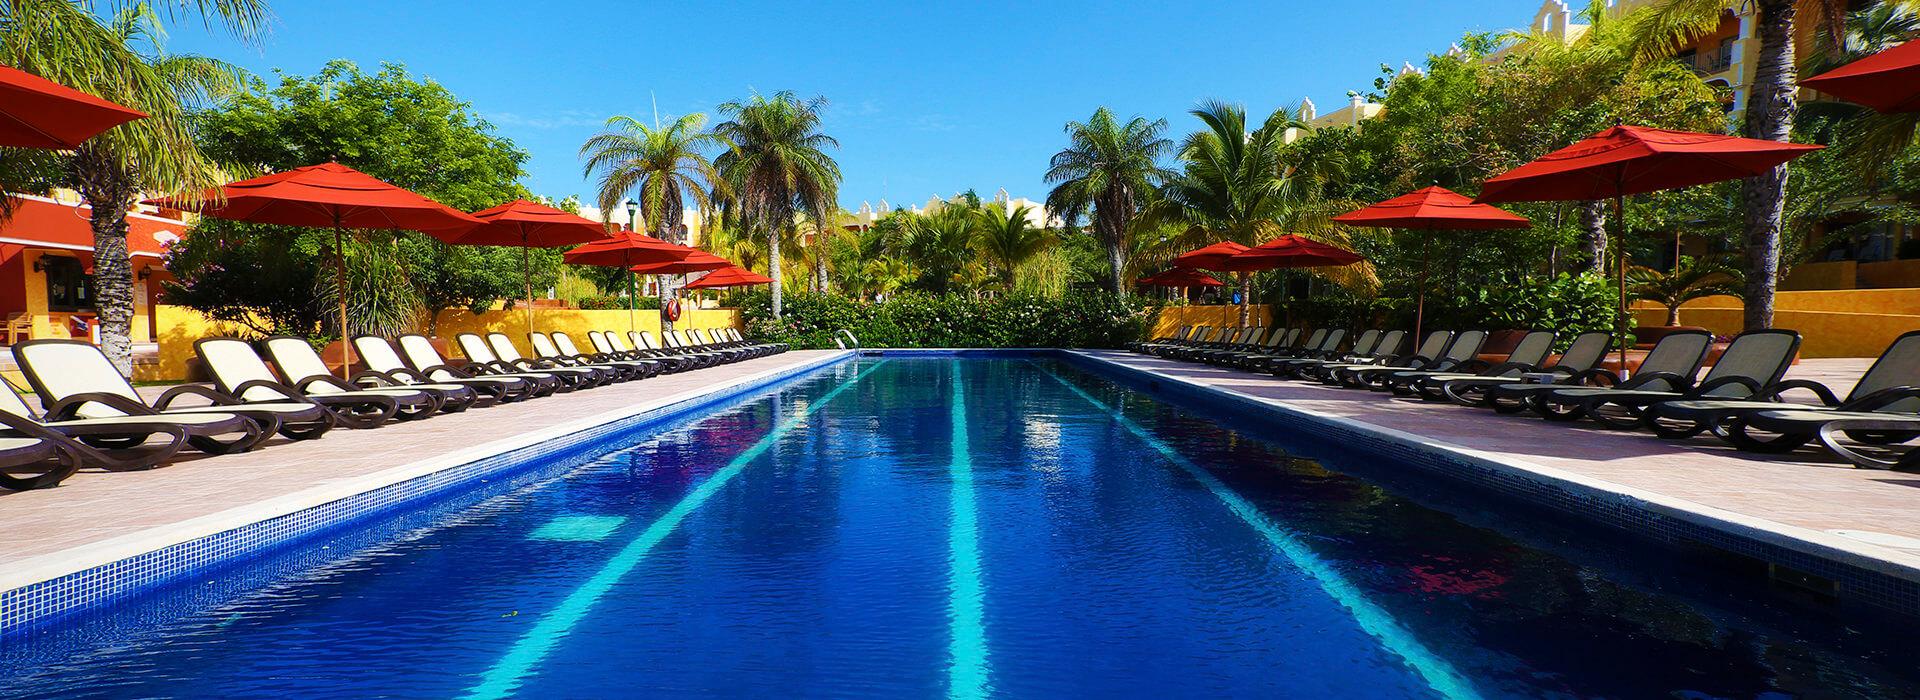 Lap pool in Playa del Carmen Resort